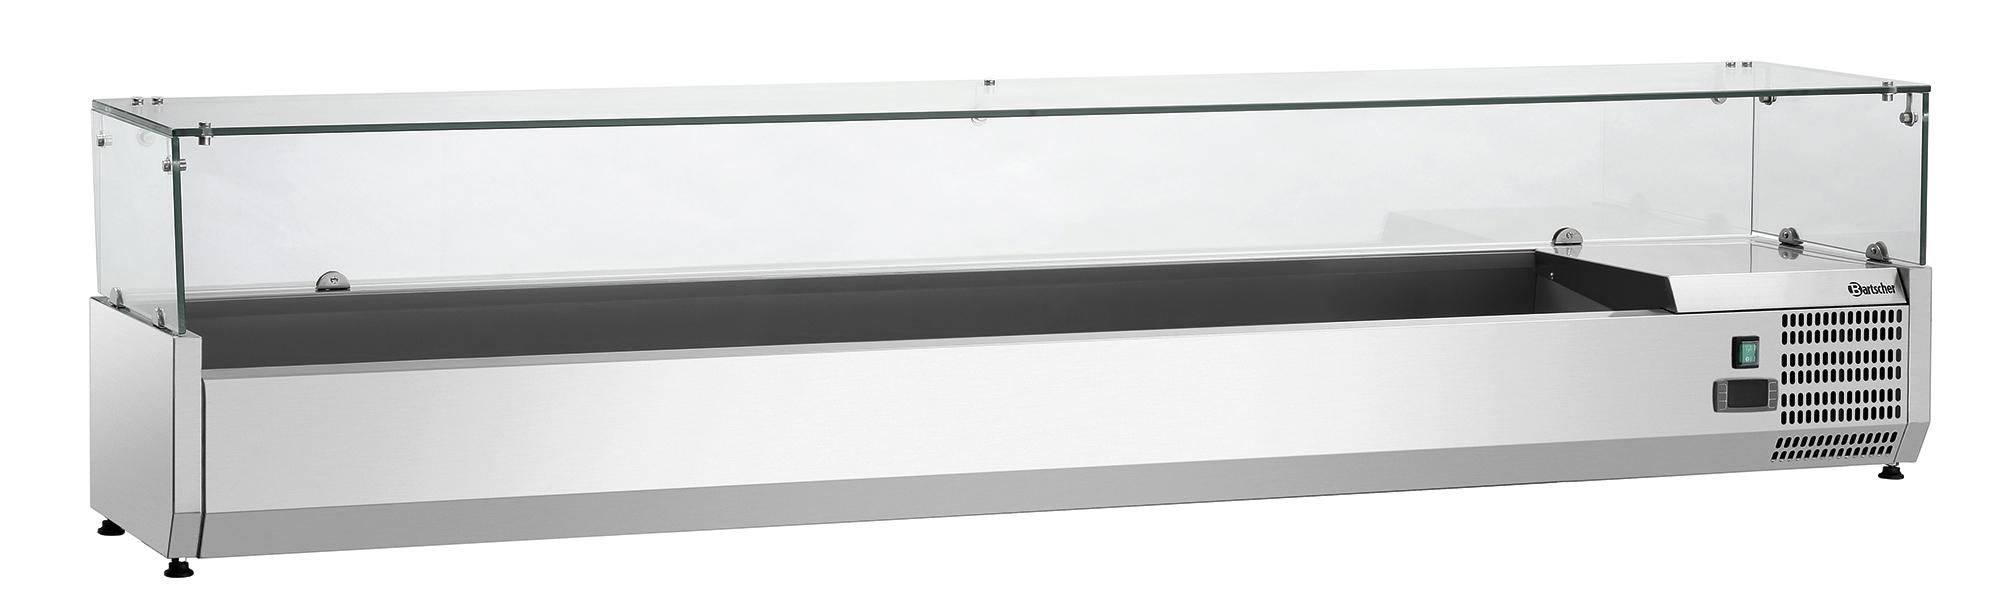 Bartscher Koelopzetvitrine GL3 9x 1/3GN - 200 cm